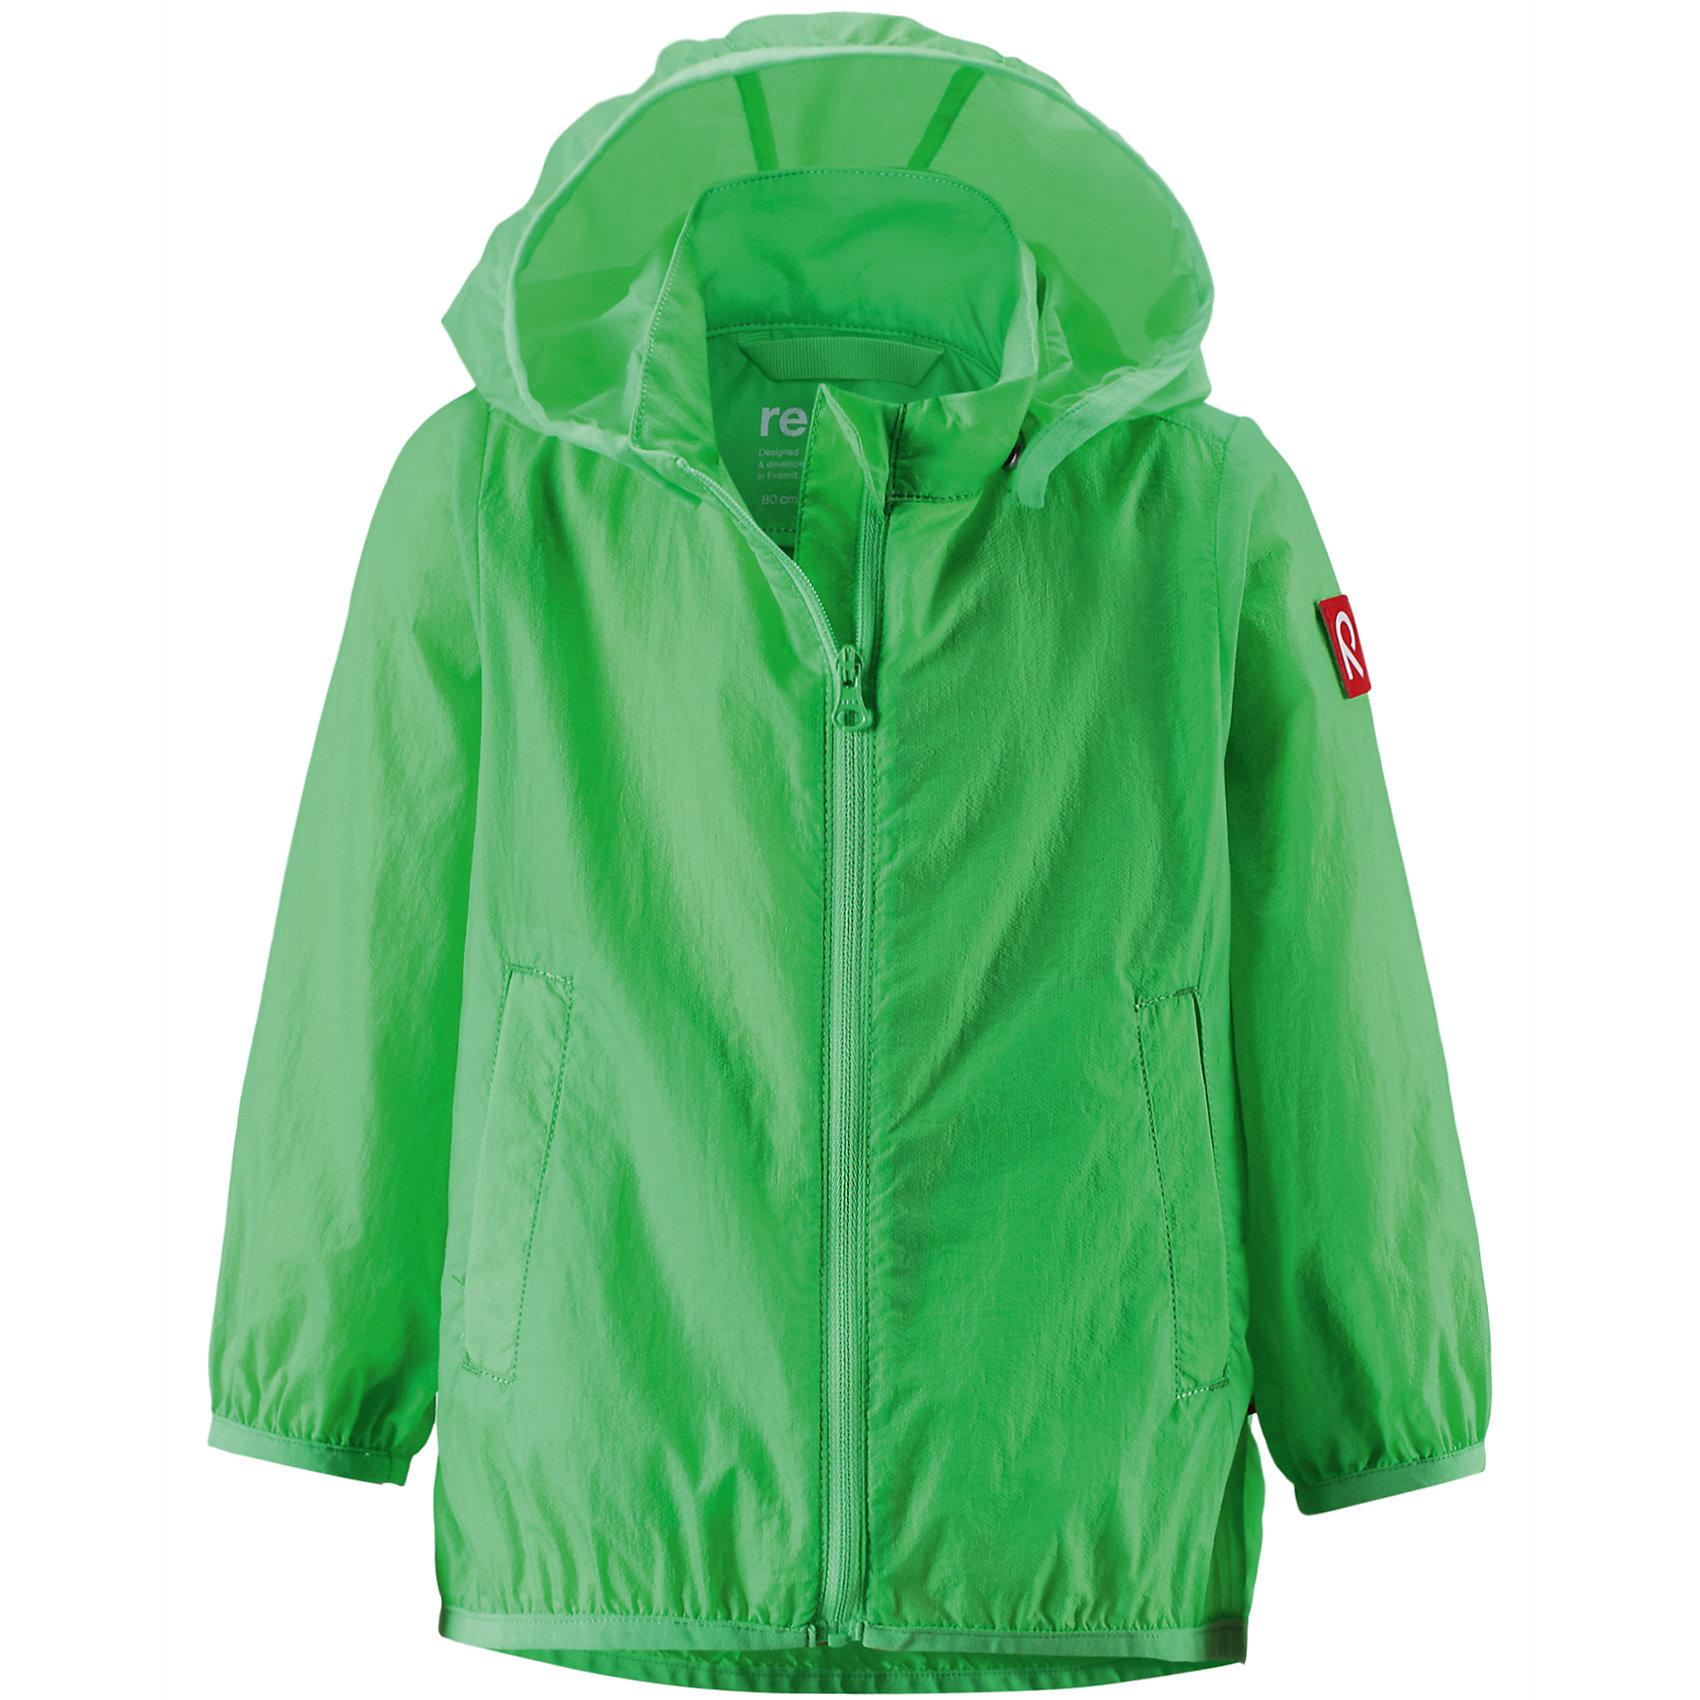 Куртка ReimaОдежда<br>Куртка Reima (Рейма), зеленый от известного финского производителя  детской одежды Reima. Куртка-ветровка выполнена из полиамида, который обладает высокой износоустойчивостью, воздухопроницаемыми, водооталкивающими и грязеотталкивающими свойствами. Изделие устойчиво к изменению формы и цвета даже при длительном использовании. Куртка имеет классическую форму: прямой силуэт с чуть присборенным эластичным кантом низом, кант повторяется на рукавах и капюшоне, воротник-стойка, застежка-молния с защитой у подбородка и 2 боковых прорезных кармана. Куртка имеет полиуретановое покрытие, что делает ее непромокаемой даже в дождливую погоду. Куртка идеально подходит для весенних и осенних прогулок.<br><br>Дополнительная информация:<br><br>- Предназначение: повседневная одежда для прогулок и активного отдыха<br>- Цвет: зеленый<br>- Пол: для мальчика<br>- Состав: 100% полиамид, полиуретановое покрытие<br>- Сезон: весна-осень (демисезонная)<br>- Особенности ухода: стирать изделие, предварительно вывернув его на левую сторону, не использовать отбеливающие вещества<br><br>Подробнее:<br><br>• Для детей в возрасте: от 2 лет и до 3 лет<br>• Страна производитель: Китай<br>• Торговый бренд: Reima, Финляндия<br><br>Куртку Reima (Рейма), зеленый можно купить в нашем интернет-магазине.<br><br>Ширина мм: 356<br>Глубина мм: 10<br>Высота мм: 245<br>Вес г: 519<br>Возраст от месяцев: 18<br>Возраст до месяцев: 24<br>Пол: Унисекс<br>Возраст: Детский<br>Размер: 92,86,98<br>SKU: 4863932